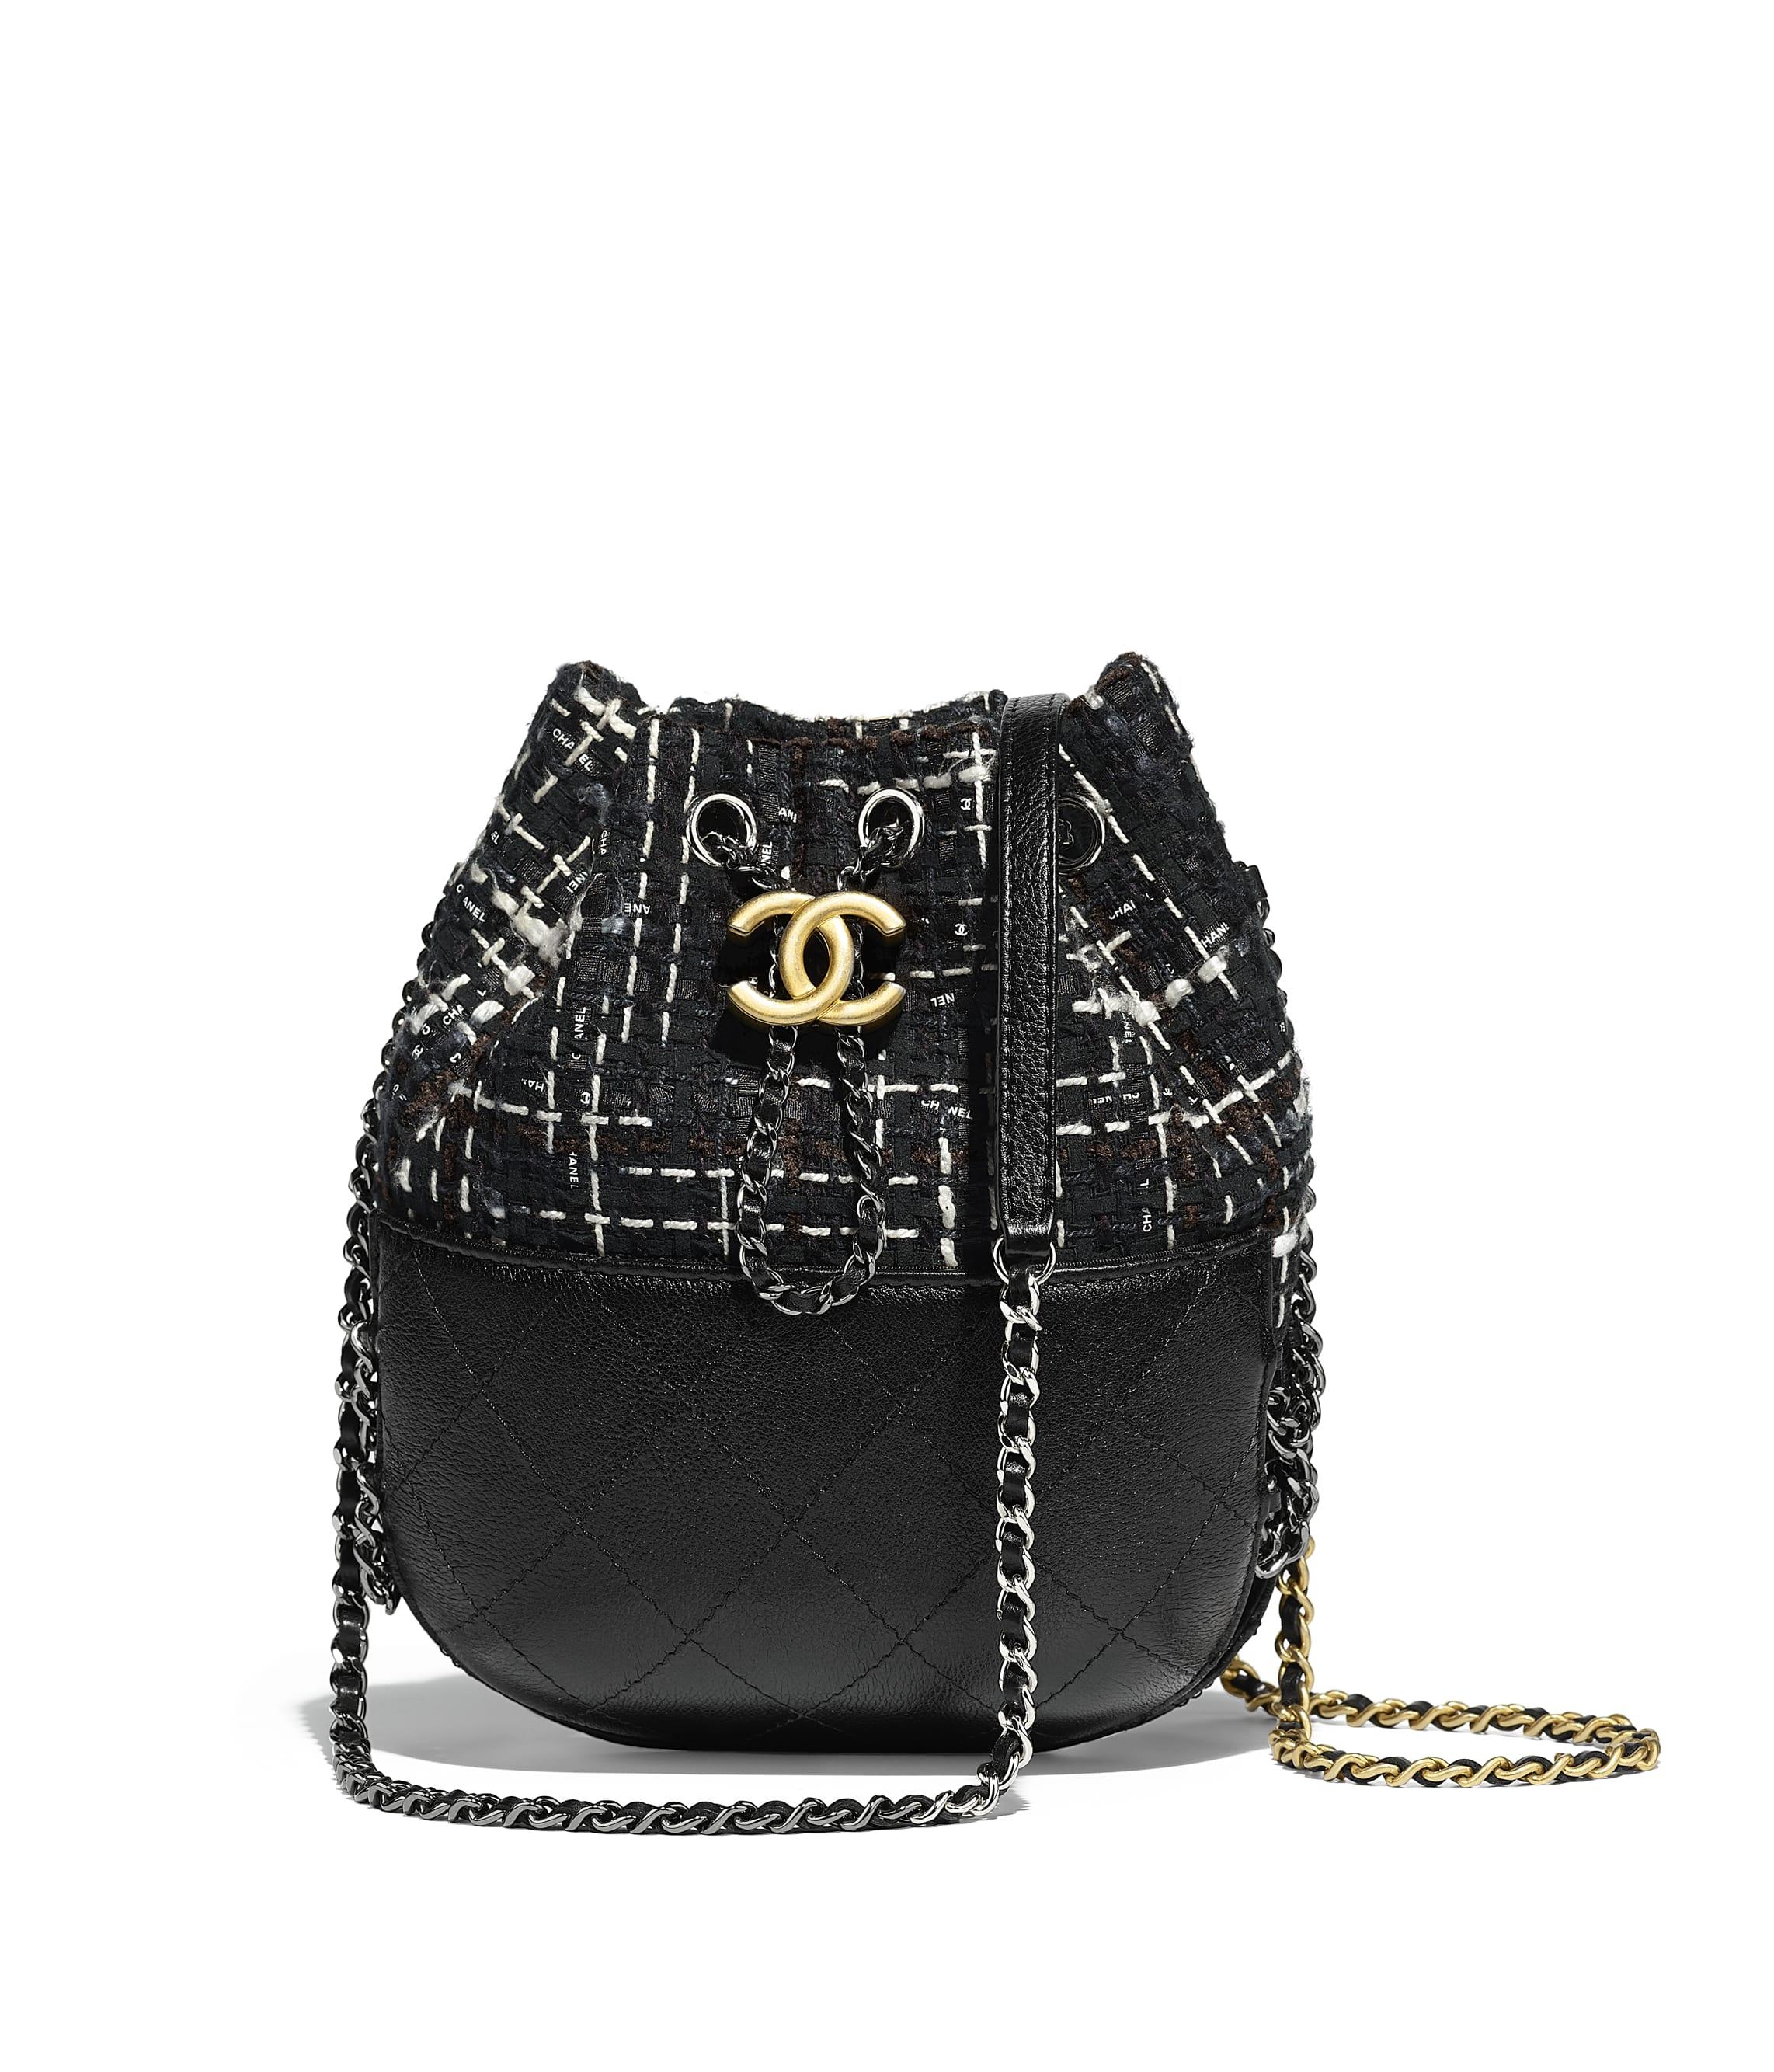 chanel taske online shop